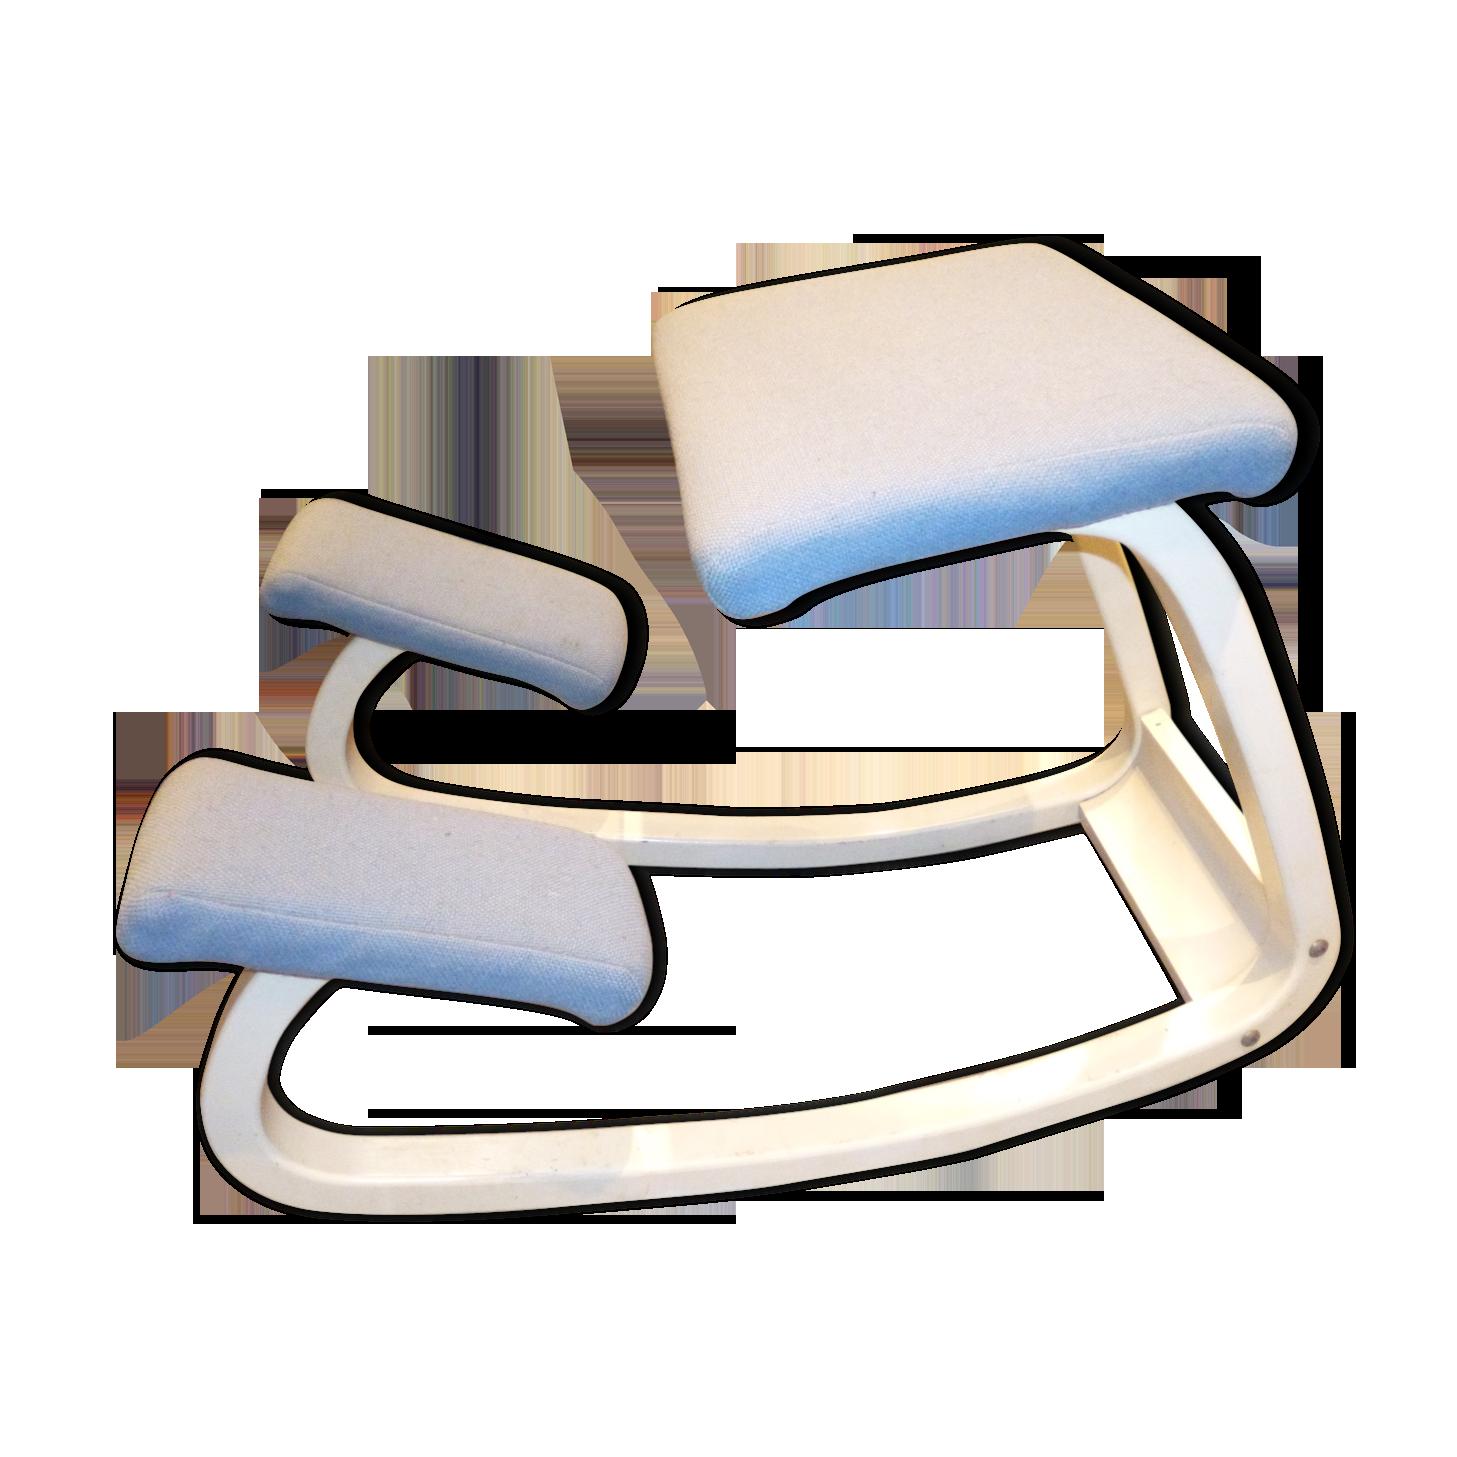 Chaise de bureau stokke bois matériau bleu scandinave